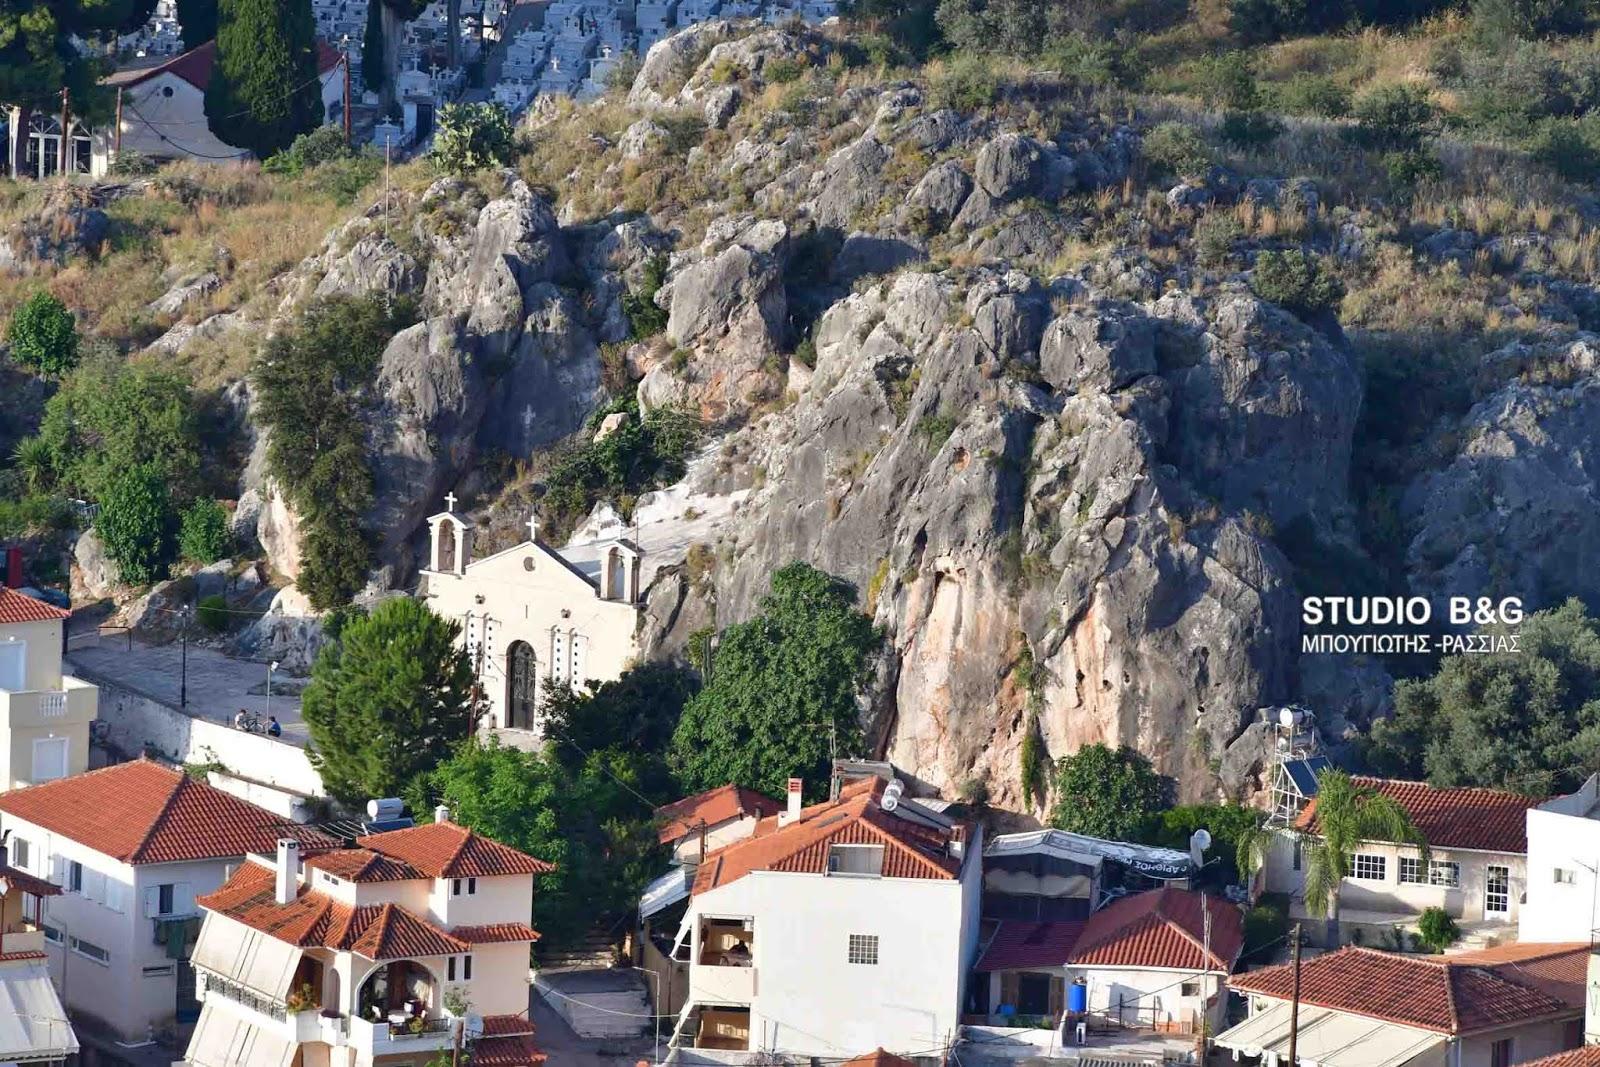 Γιόρτασαν στο Ναύπλιο τους Αγίους Πάντες στο ιστορικό εκκλησάκι σπήλαιο